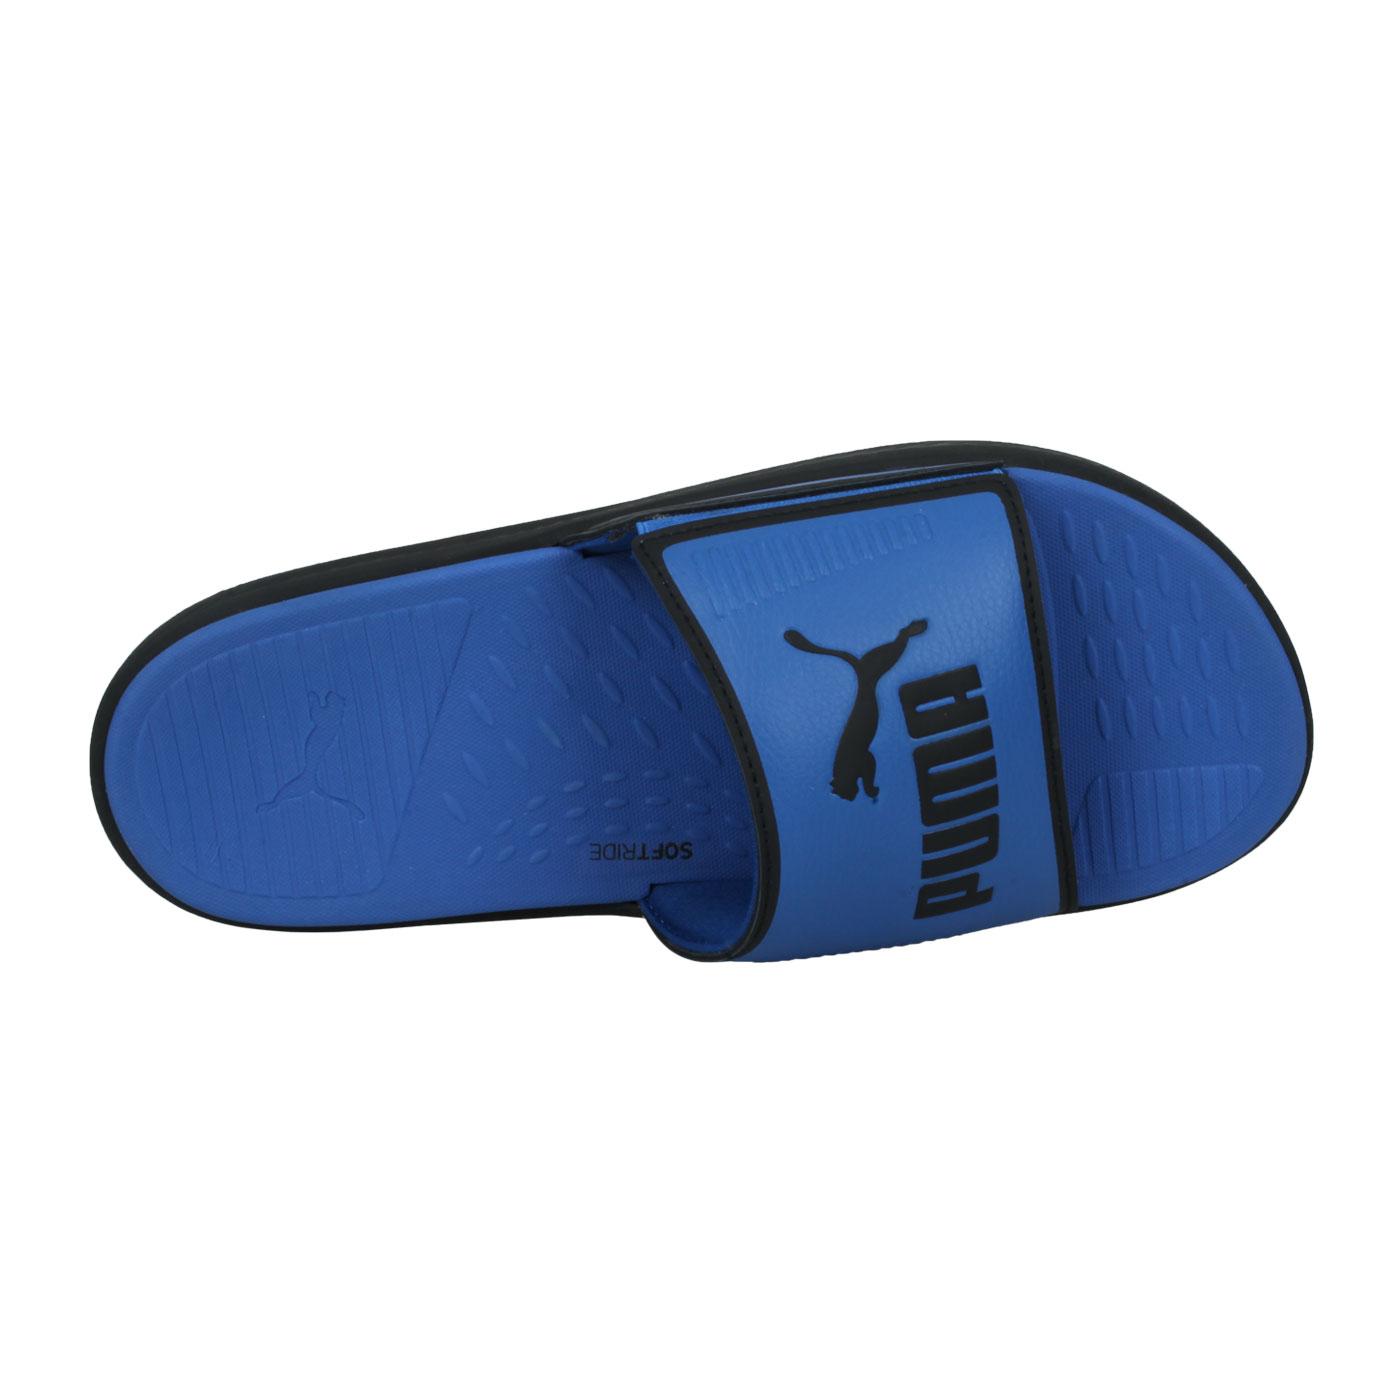 PUMA 男款運動拖鞋  @Soffride Slide@38211106 - 藍黑